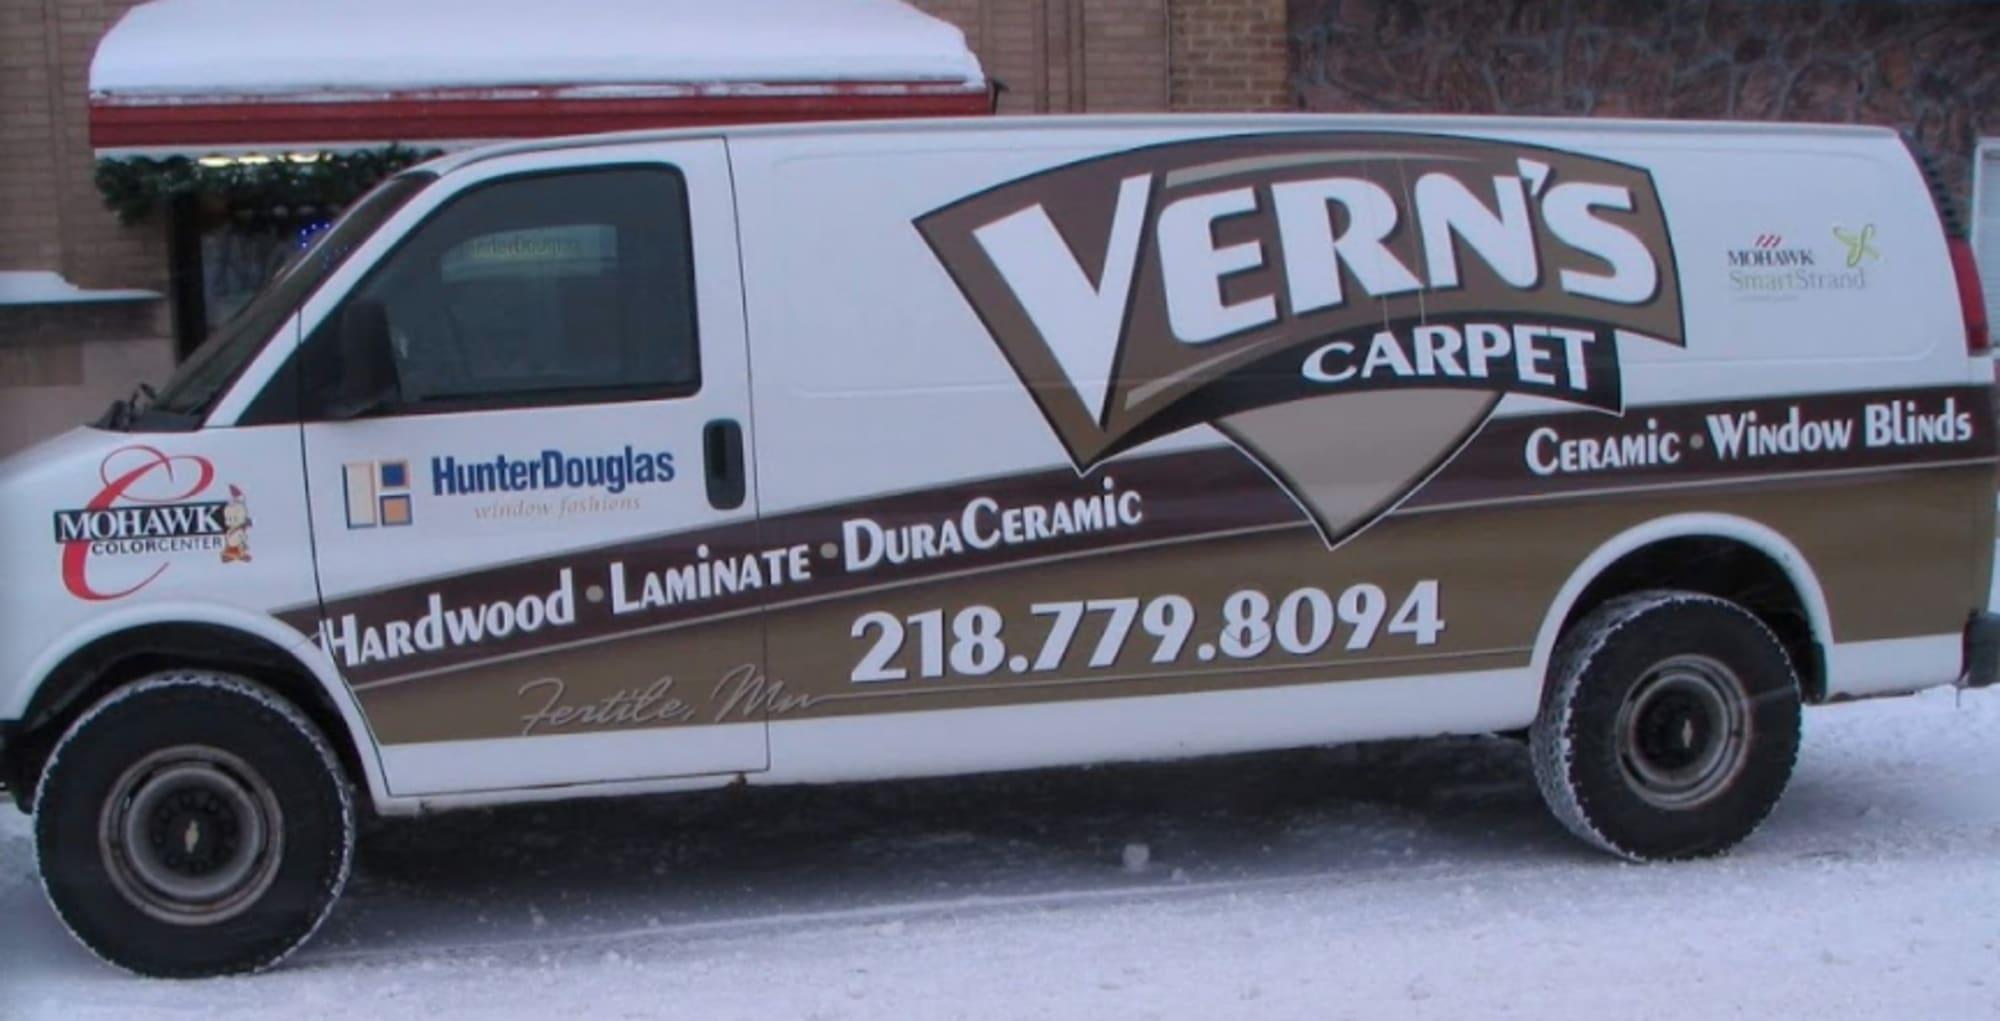 Verns Carpet - 202 N Mill St Fertile, MN 56540